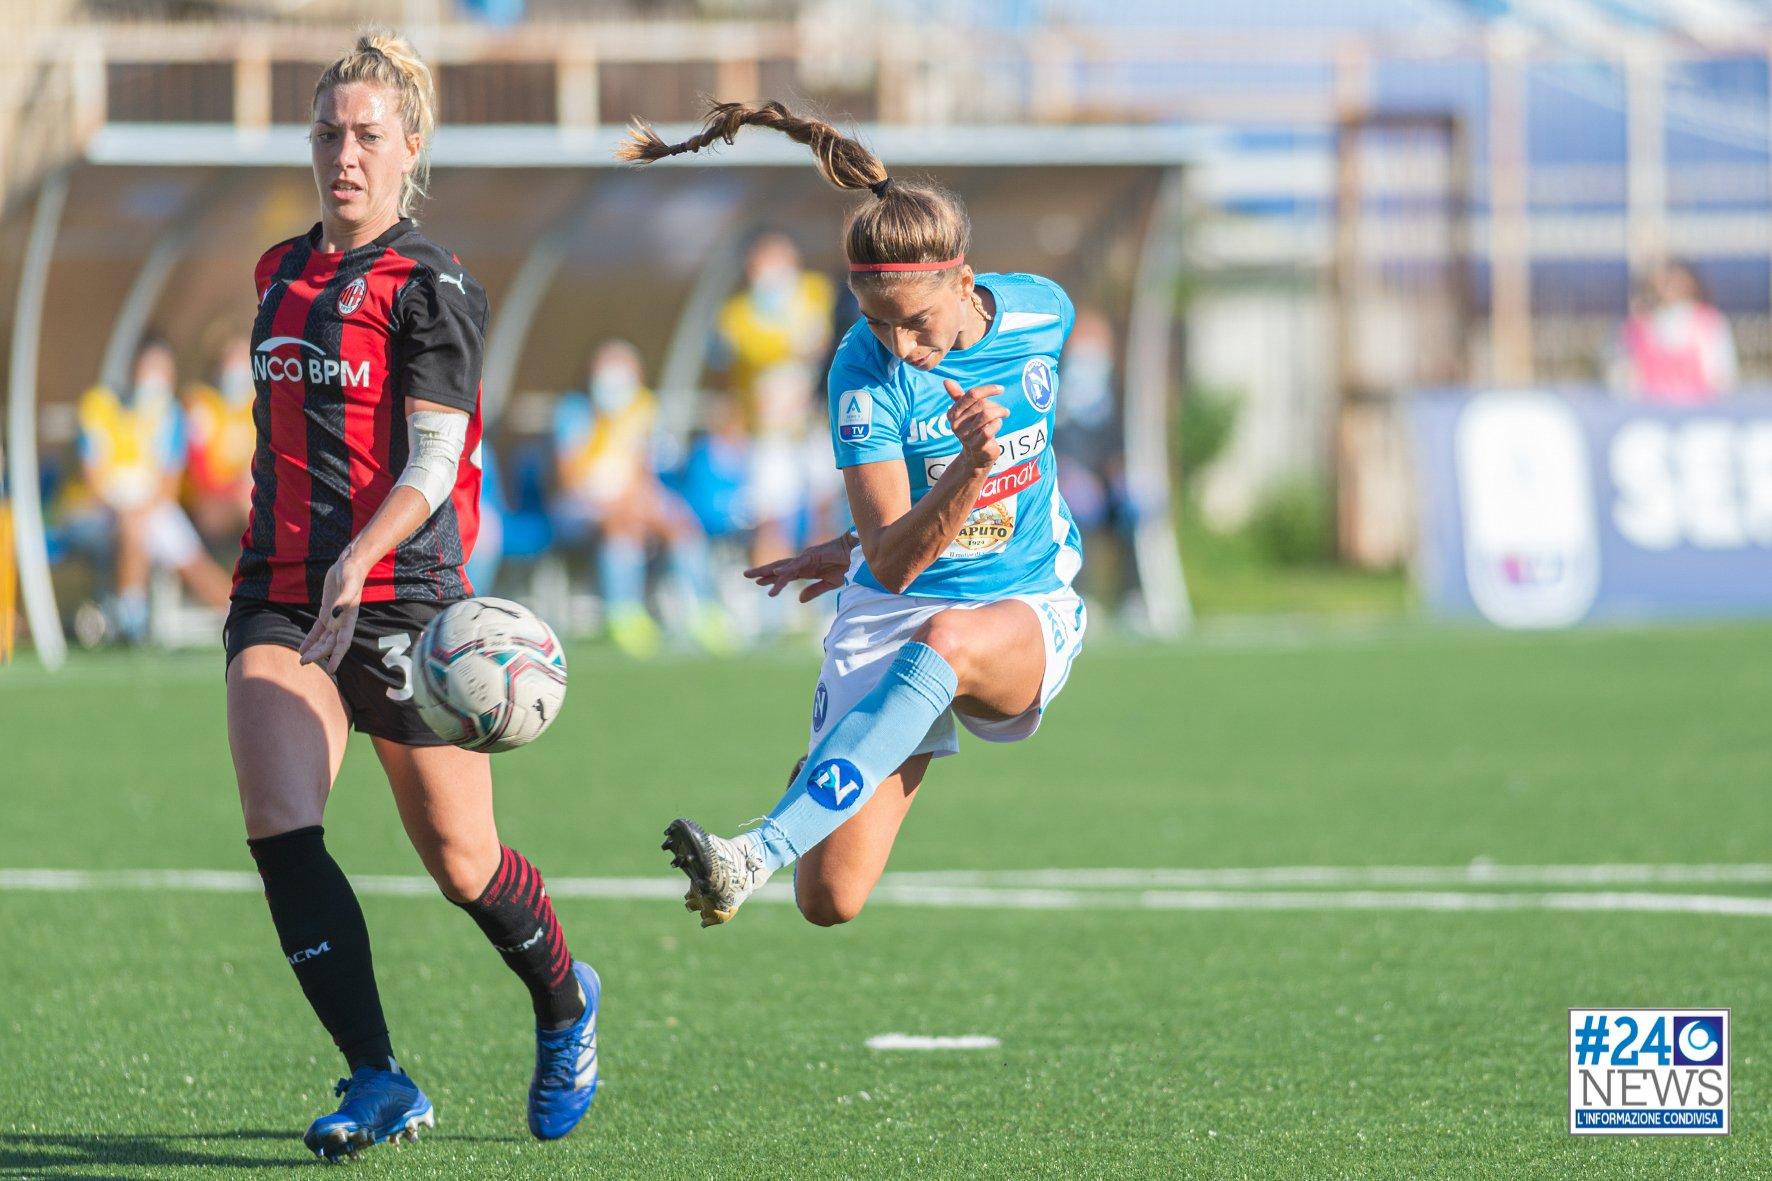 Napoli Femminile – domani in Coppa con il Sassuolo, obbligatorio vincere